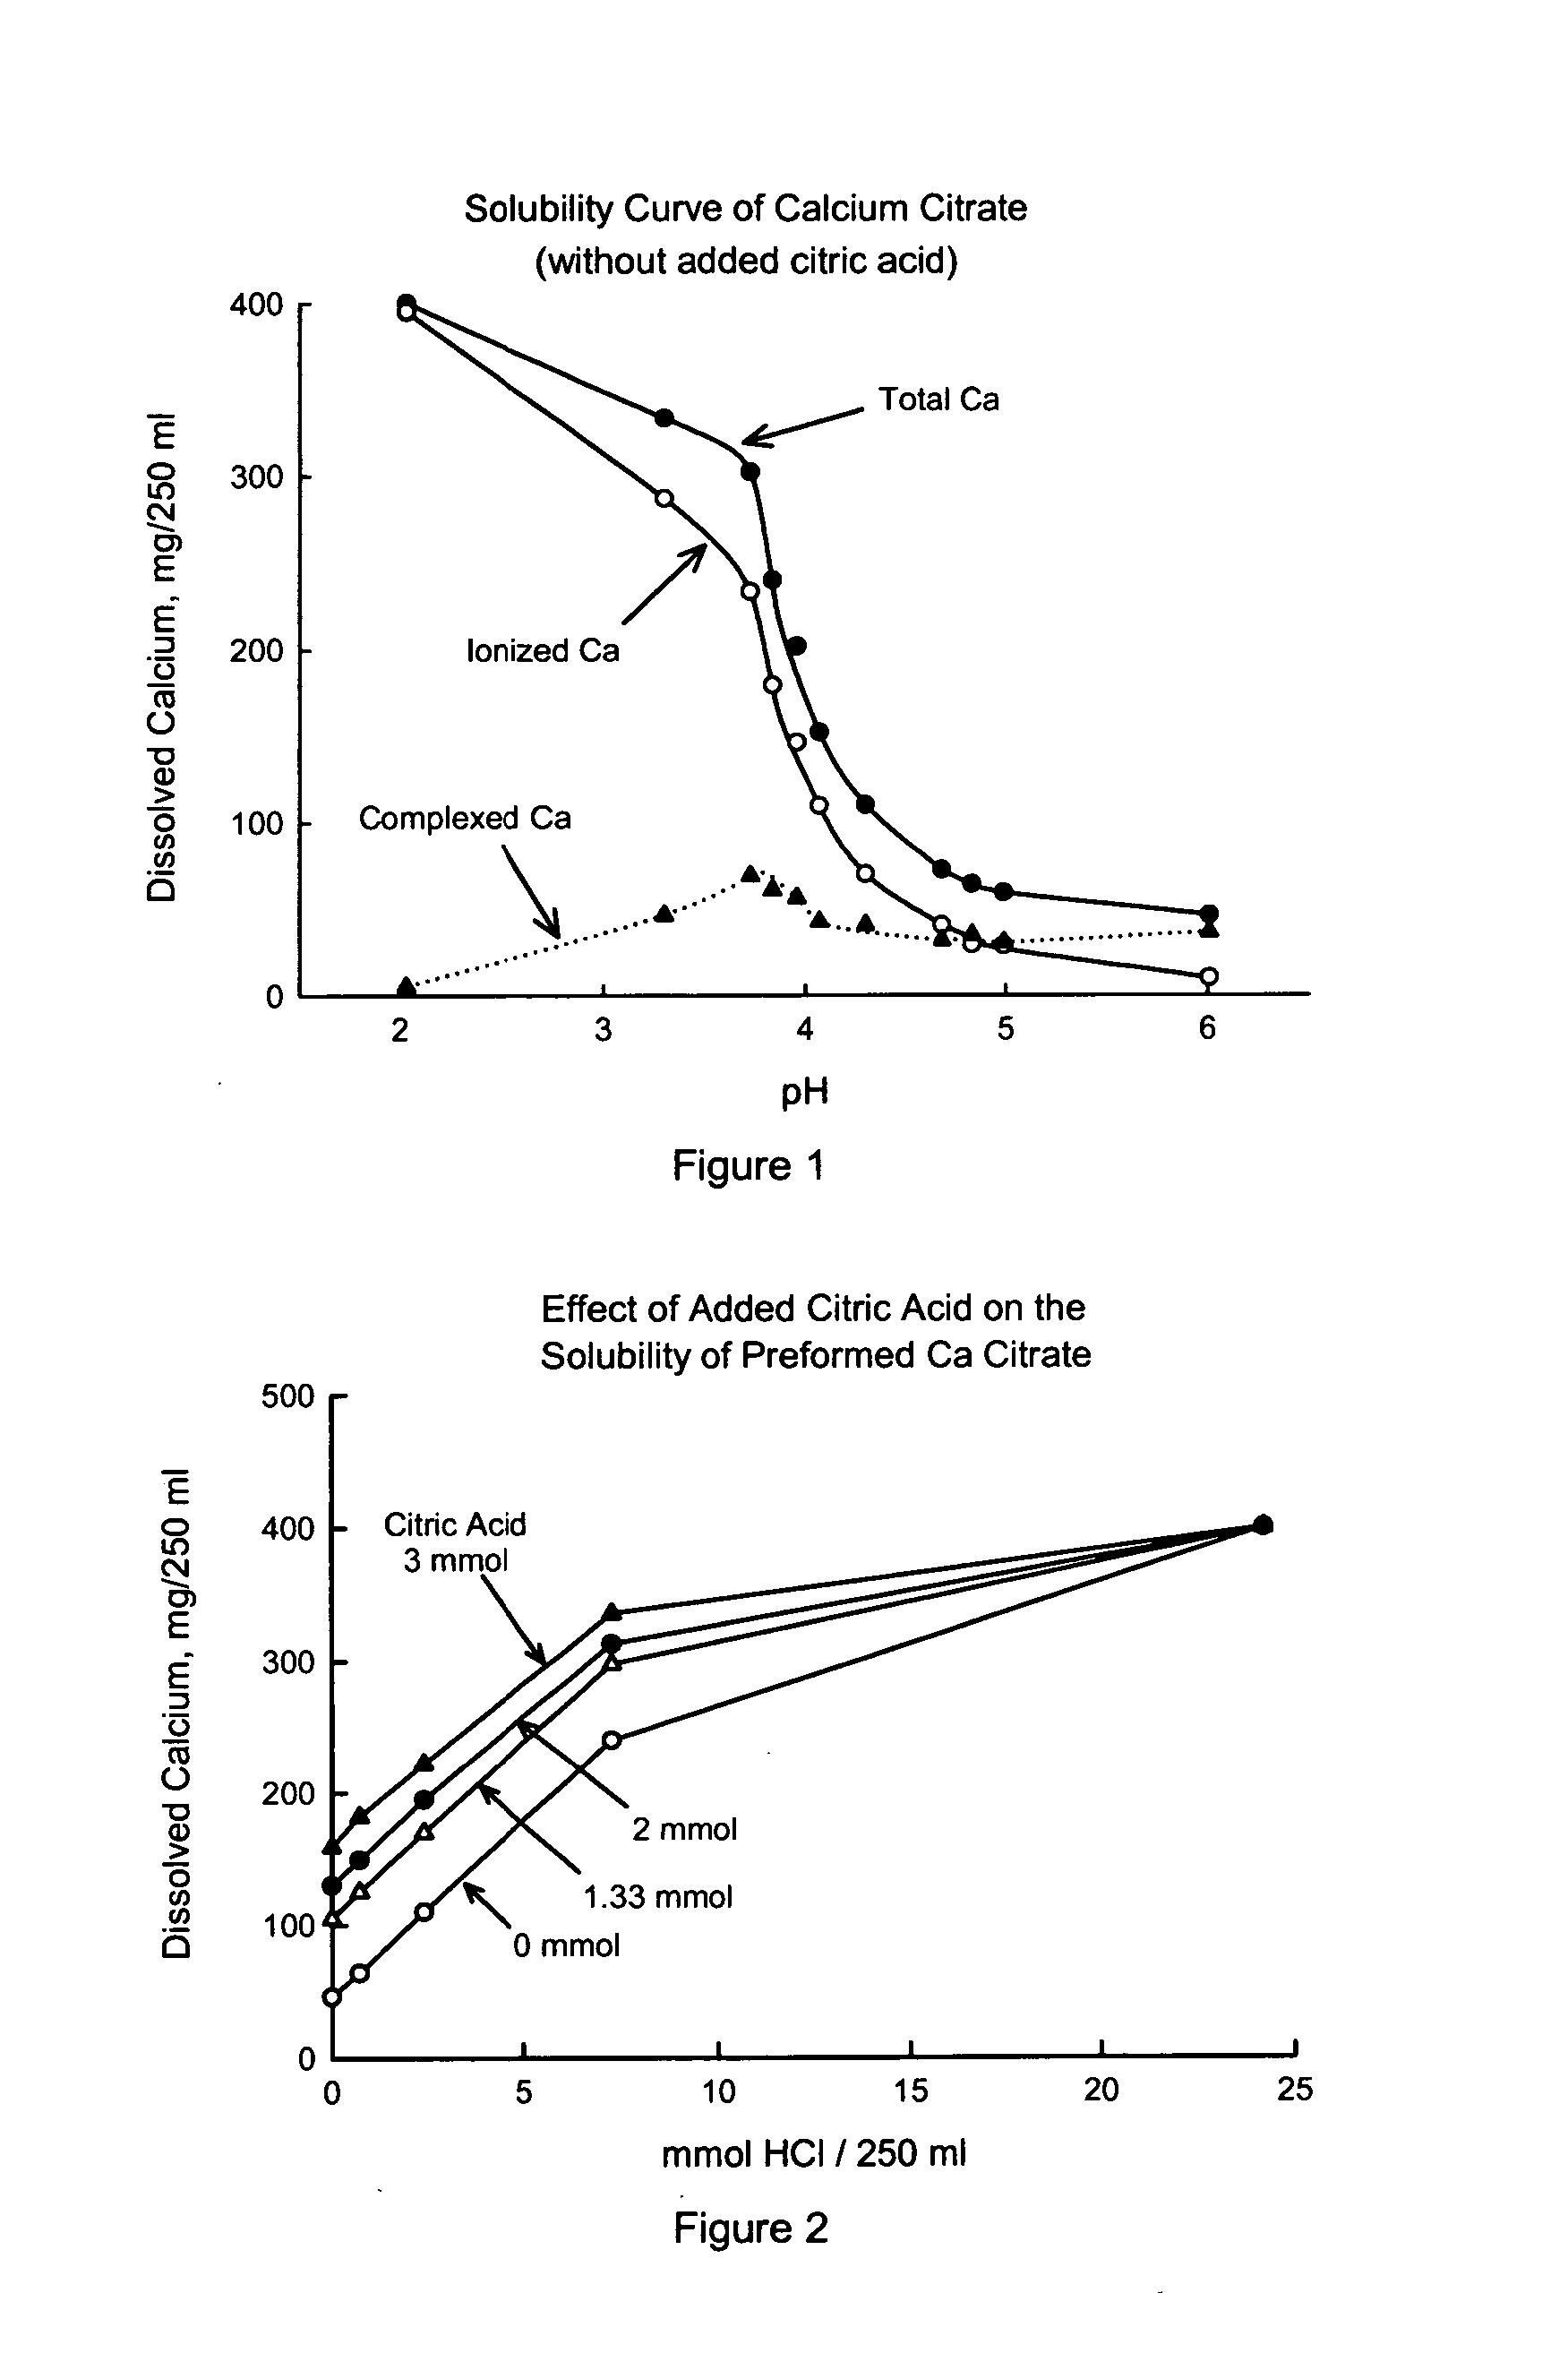 Calcium citrate solubility